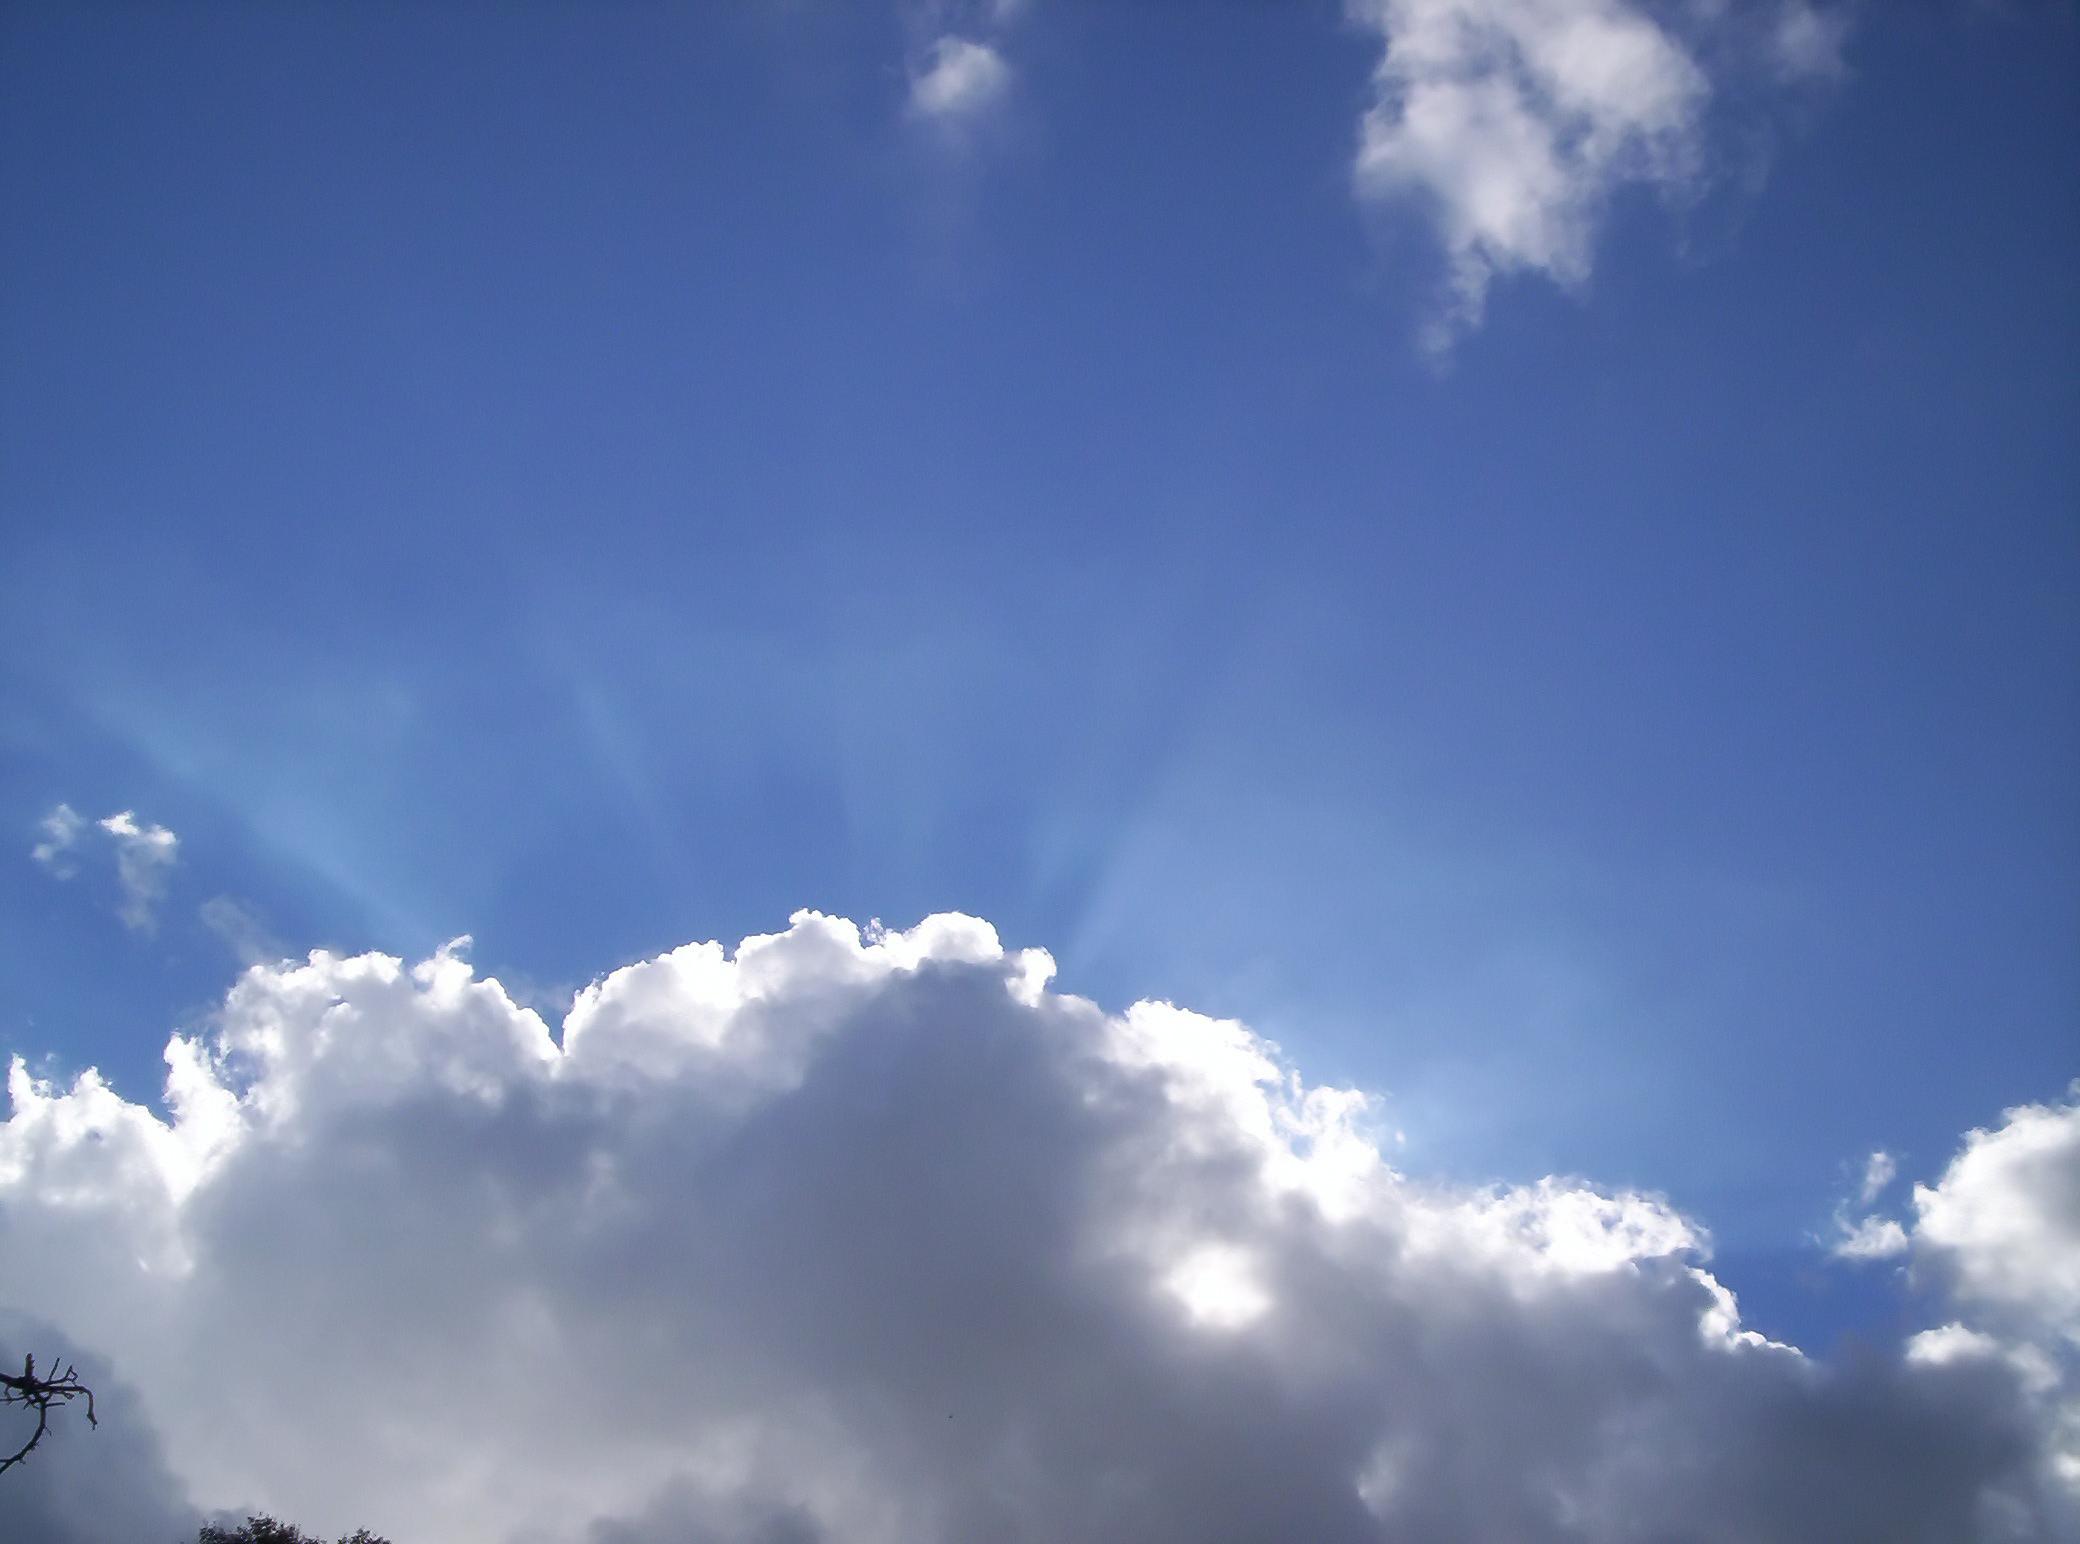 Funcionamiento de las herramientas en la nube